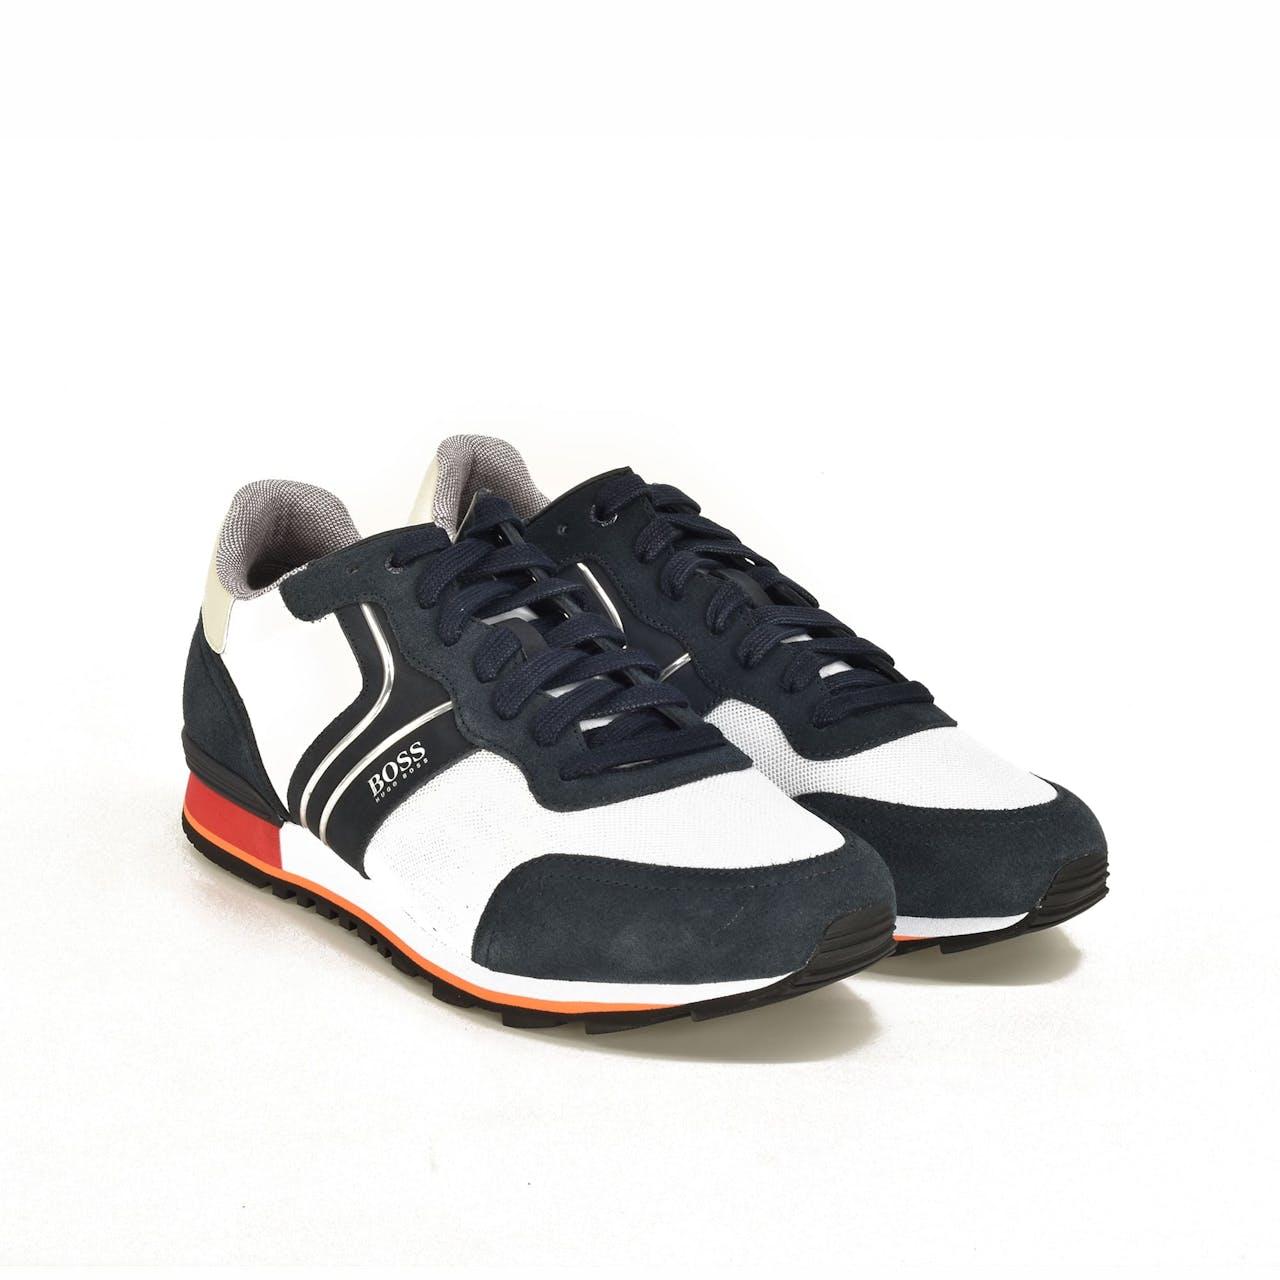 Sneaker - Parkour_Runn_nymx2 - Materialmix